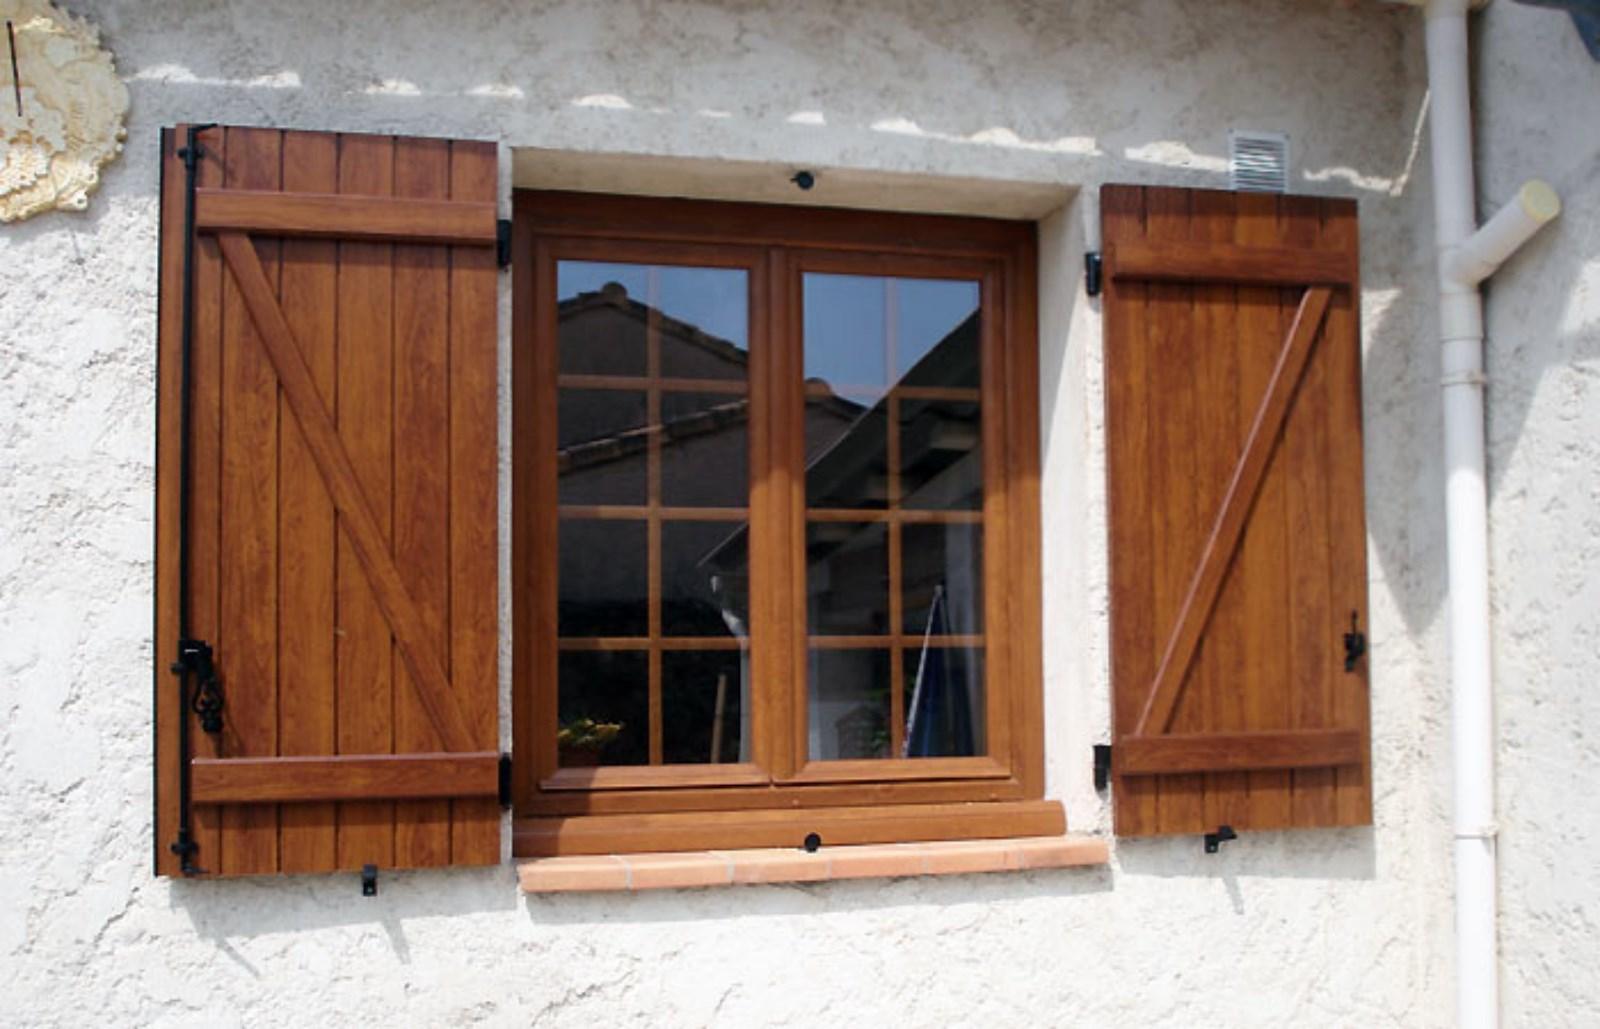 Installation d 39 une fen tre pvc 2 vantaux couleur faux bois Fenetre pvc imitation bois